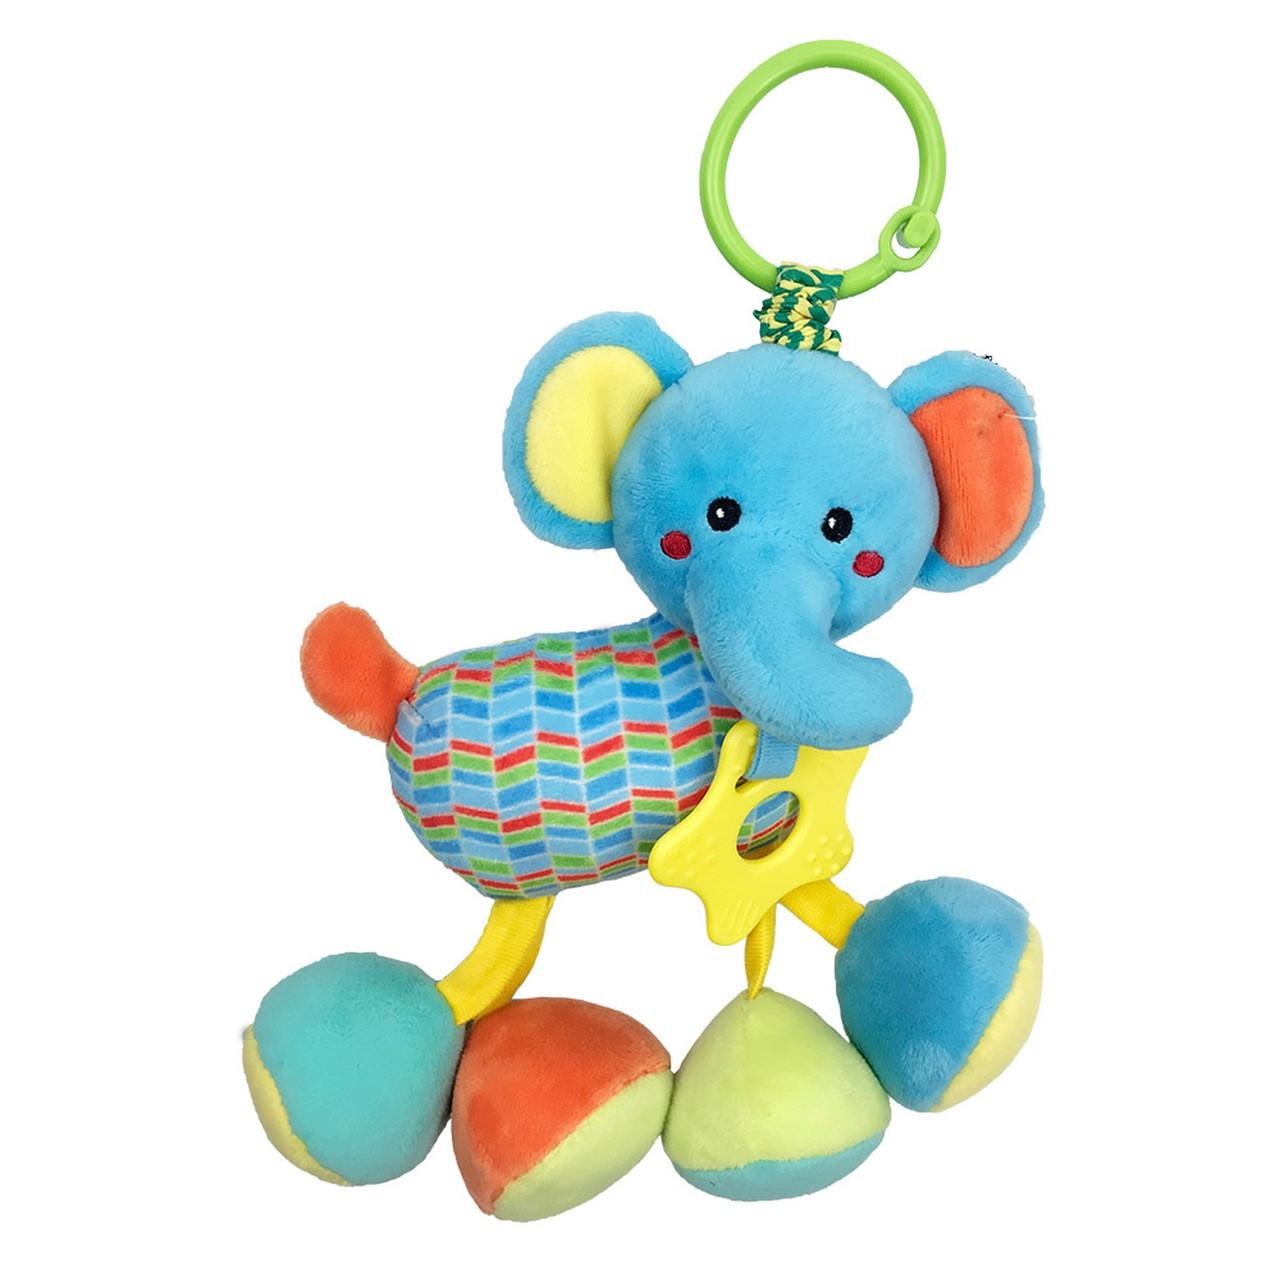 Pelúcia Infantil Elefantinho Fofy Chocalho - Dm Toys 5981